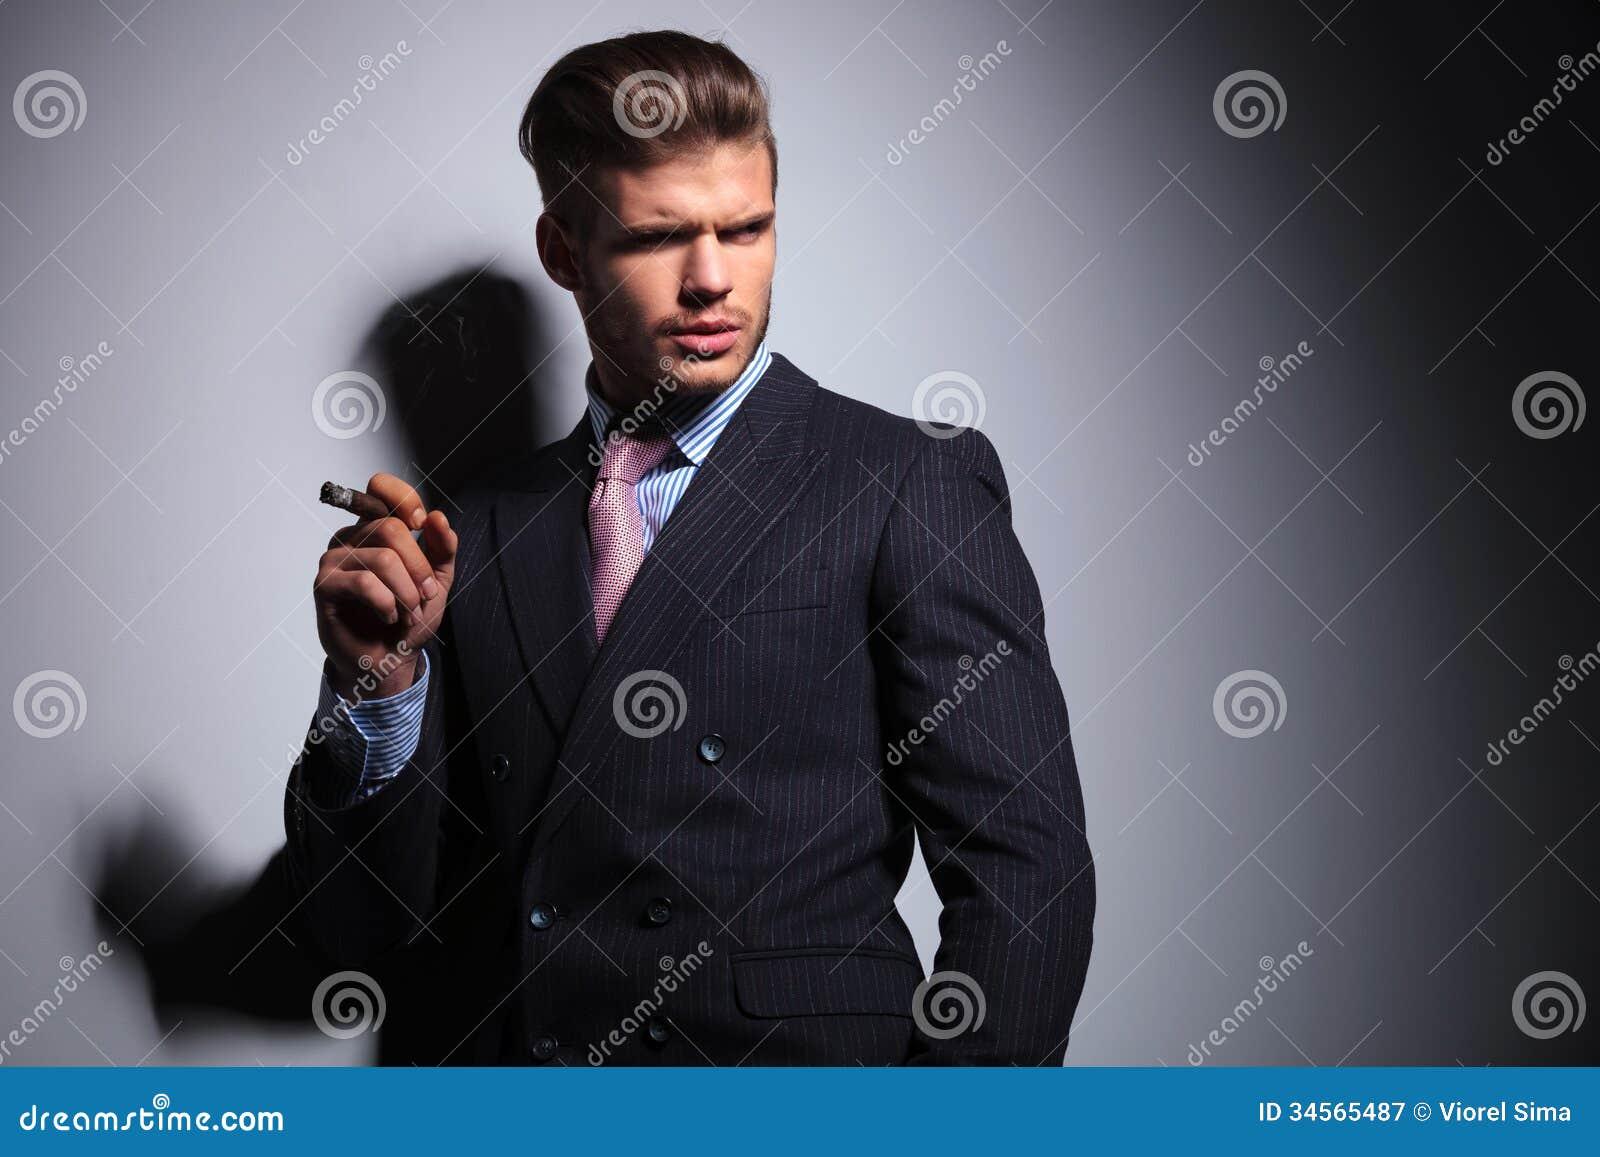 gei-v-delovom-kostyume